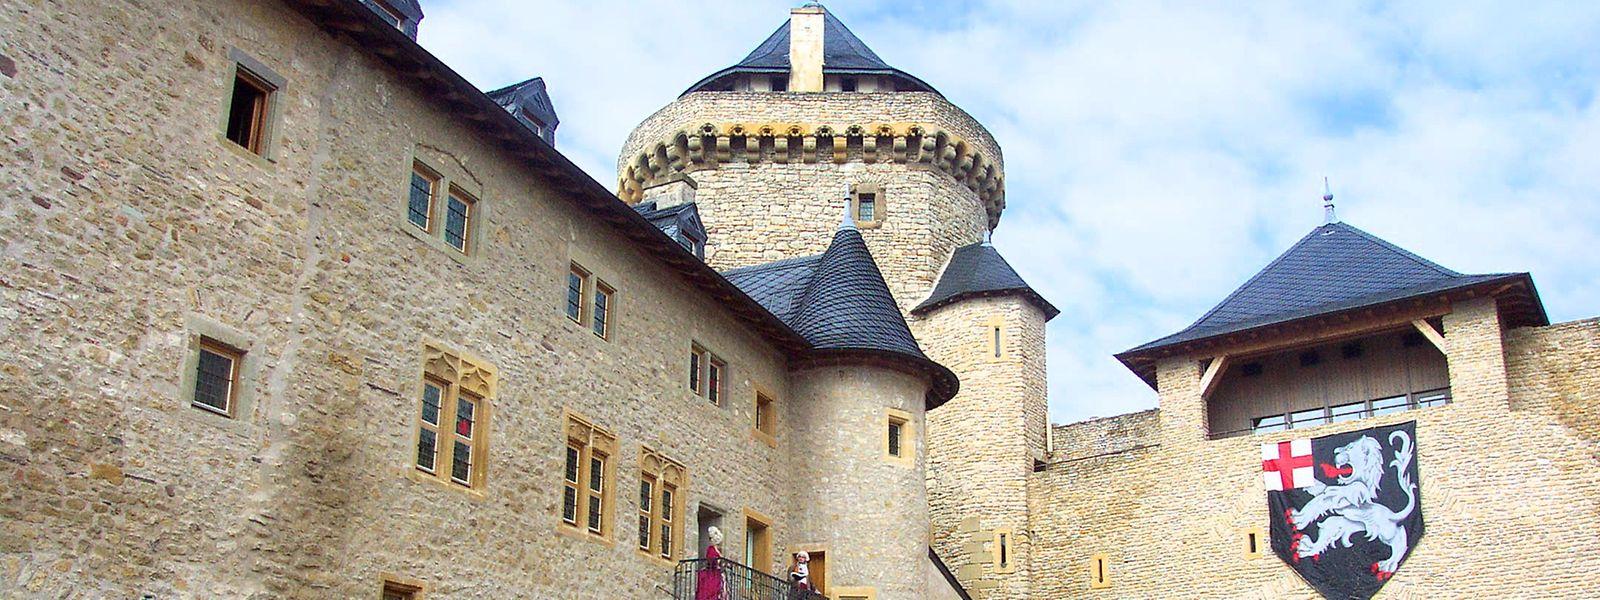 Le château de Malbrouck, à deux pas de la frontière, fait partie des sites accessibles gratuitement cet été.